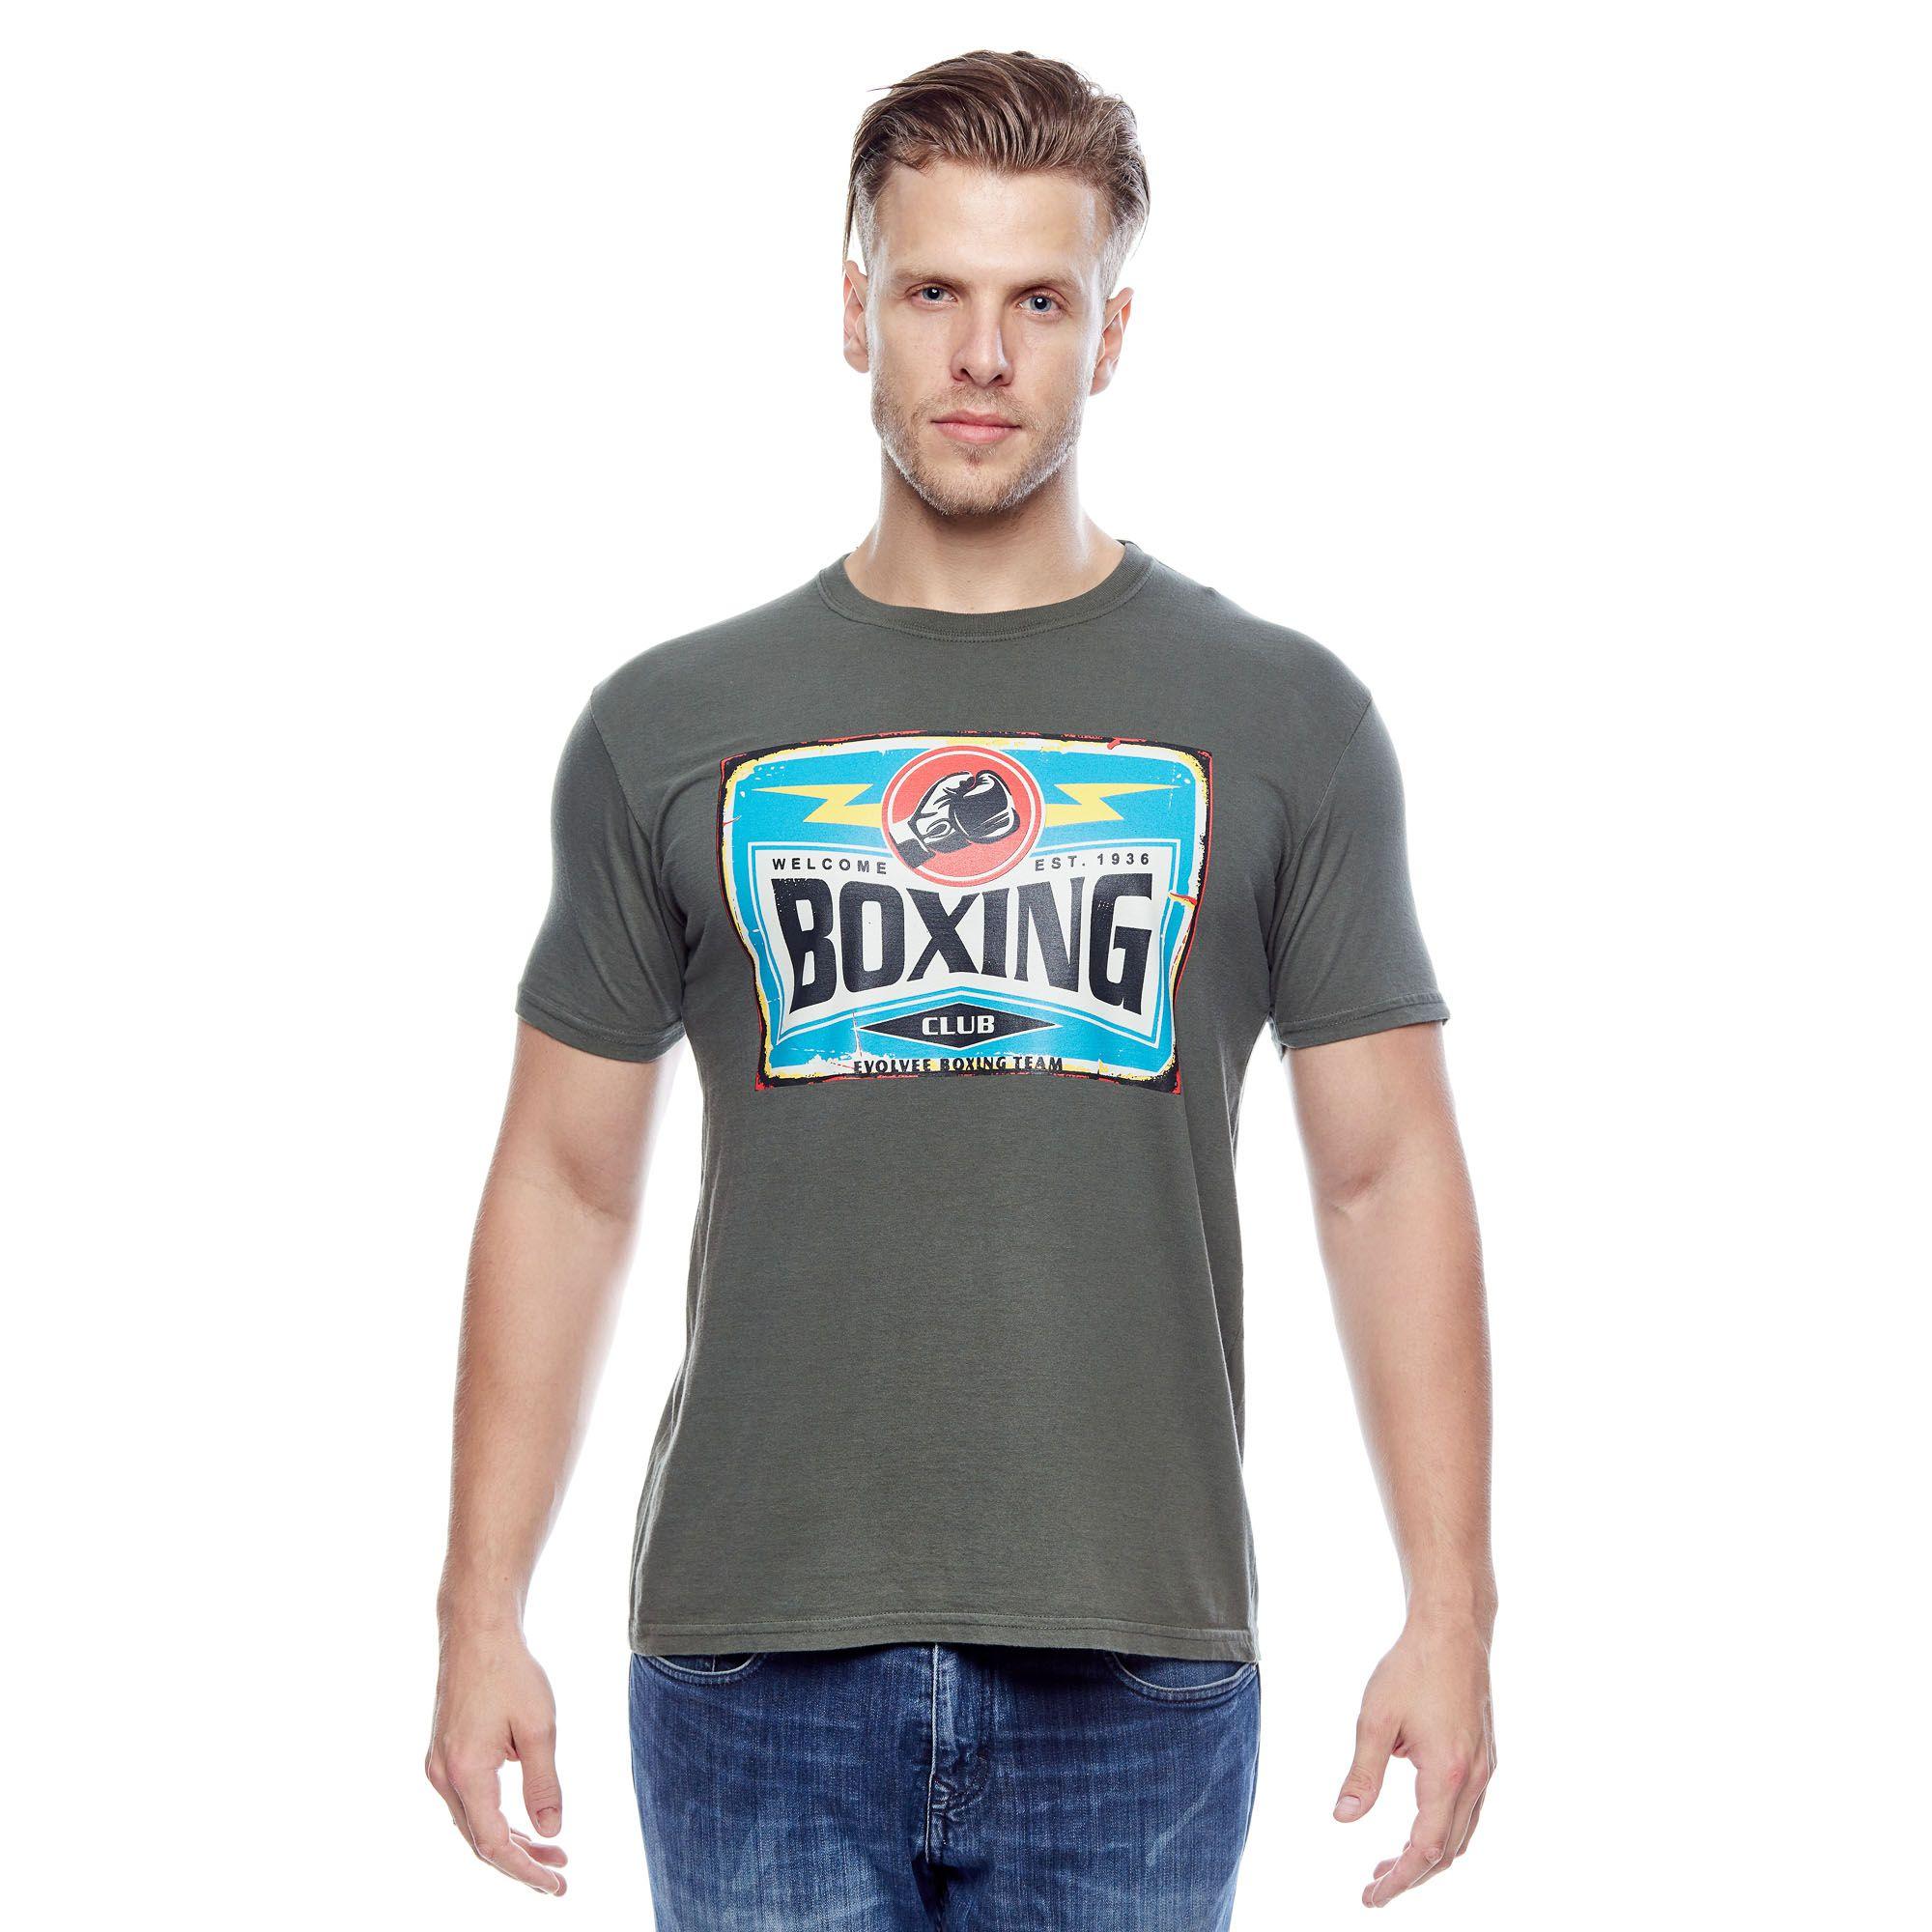 Camiseta Evolvee Boxing Masculina